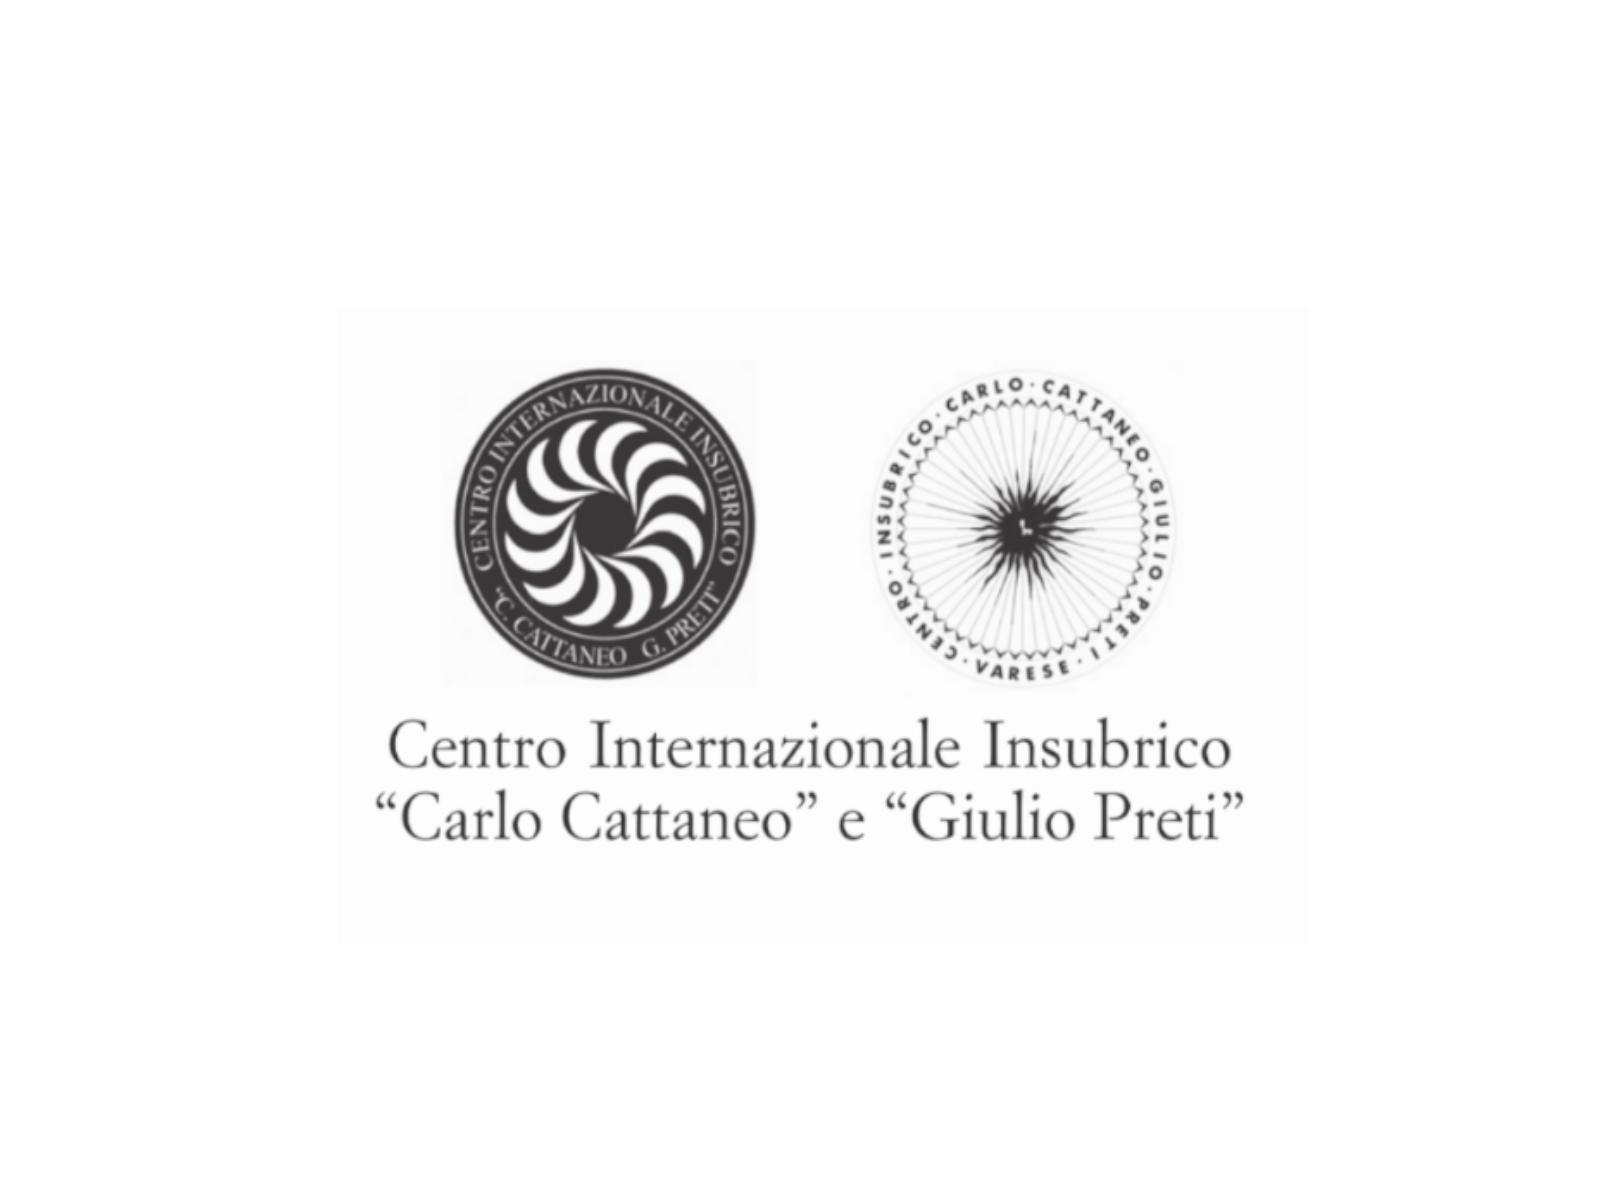 Centro Internazionale Insubrico